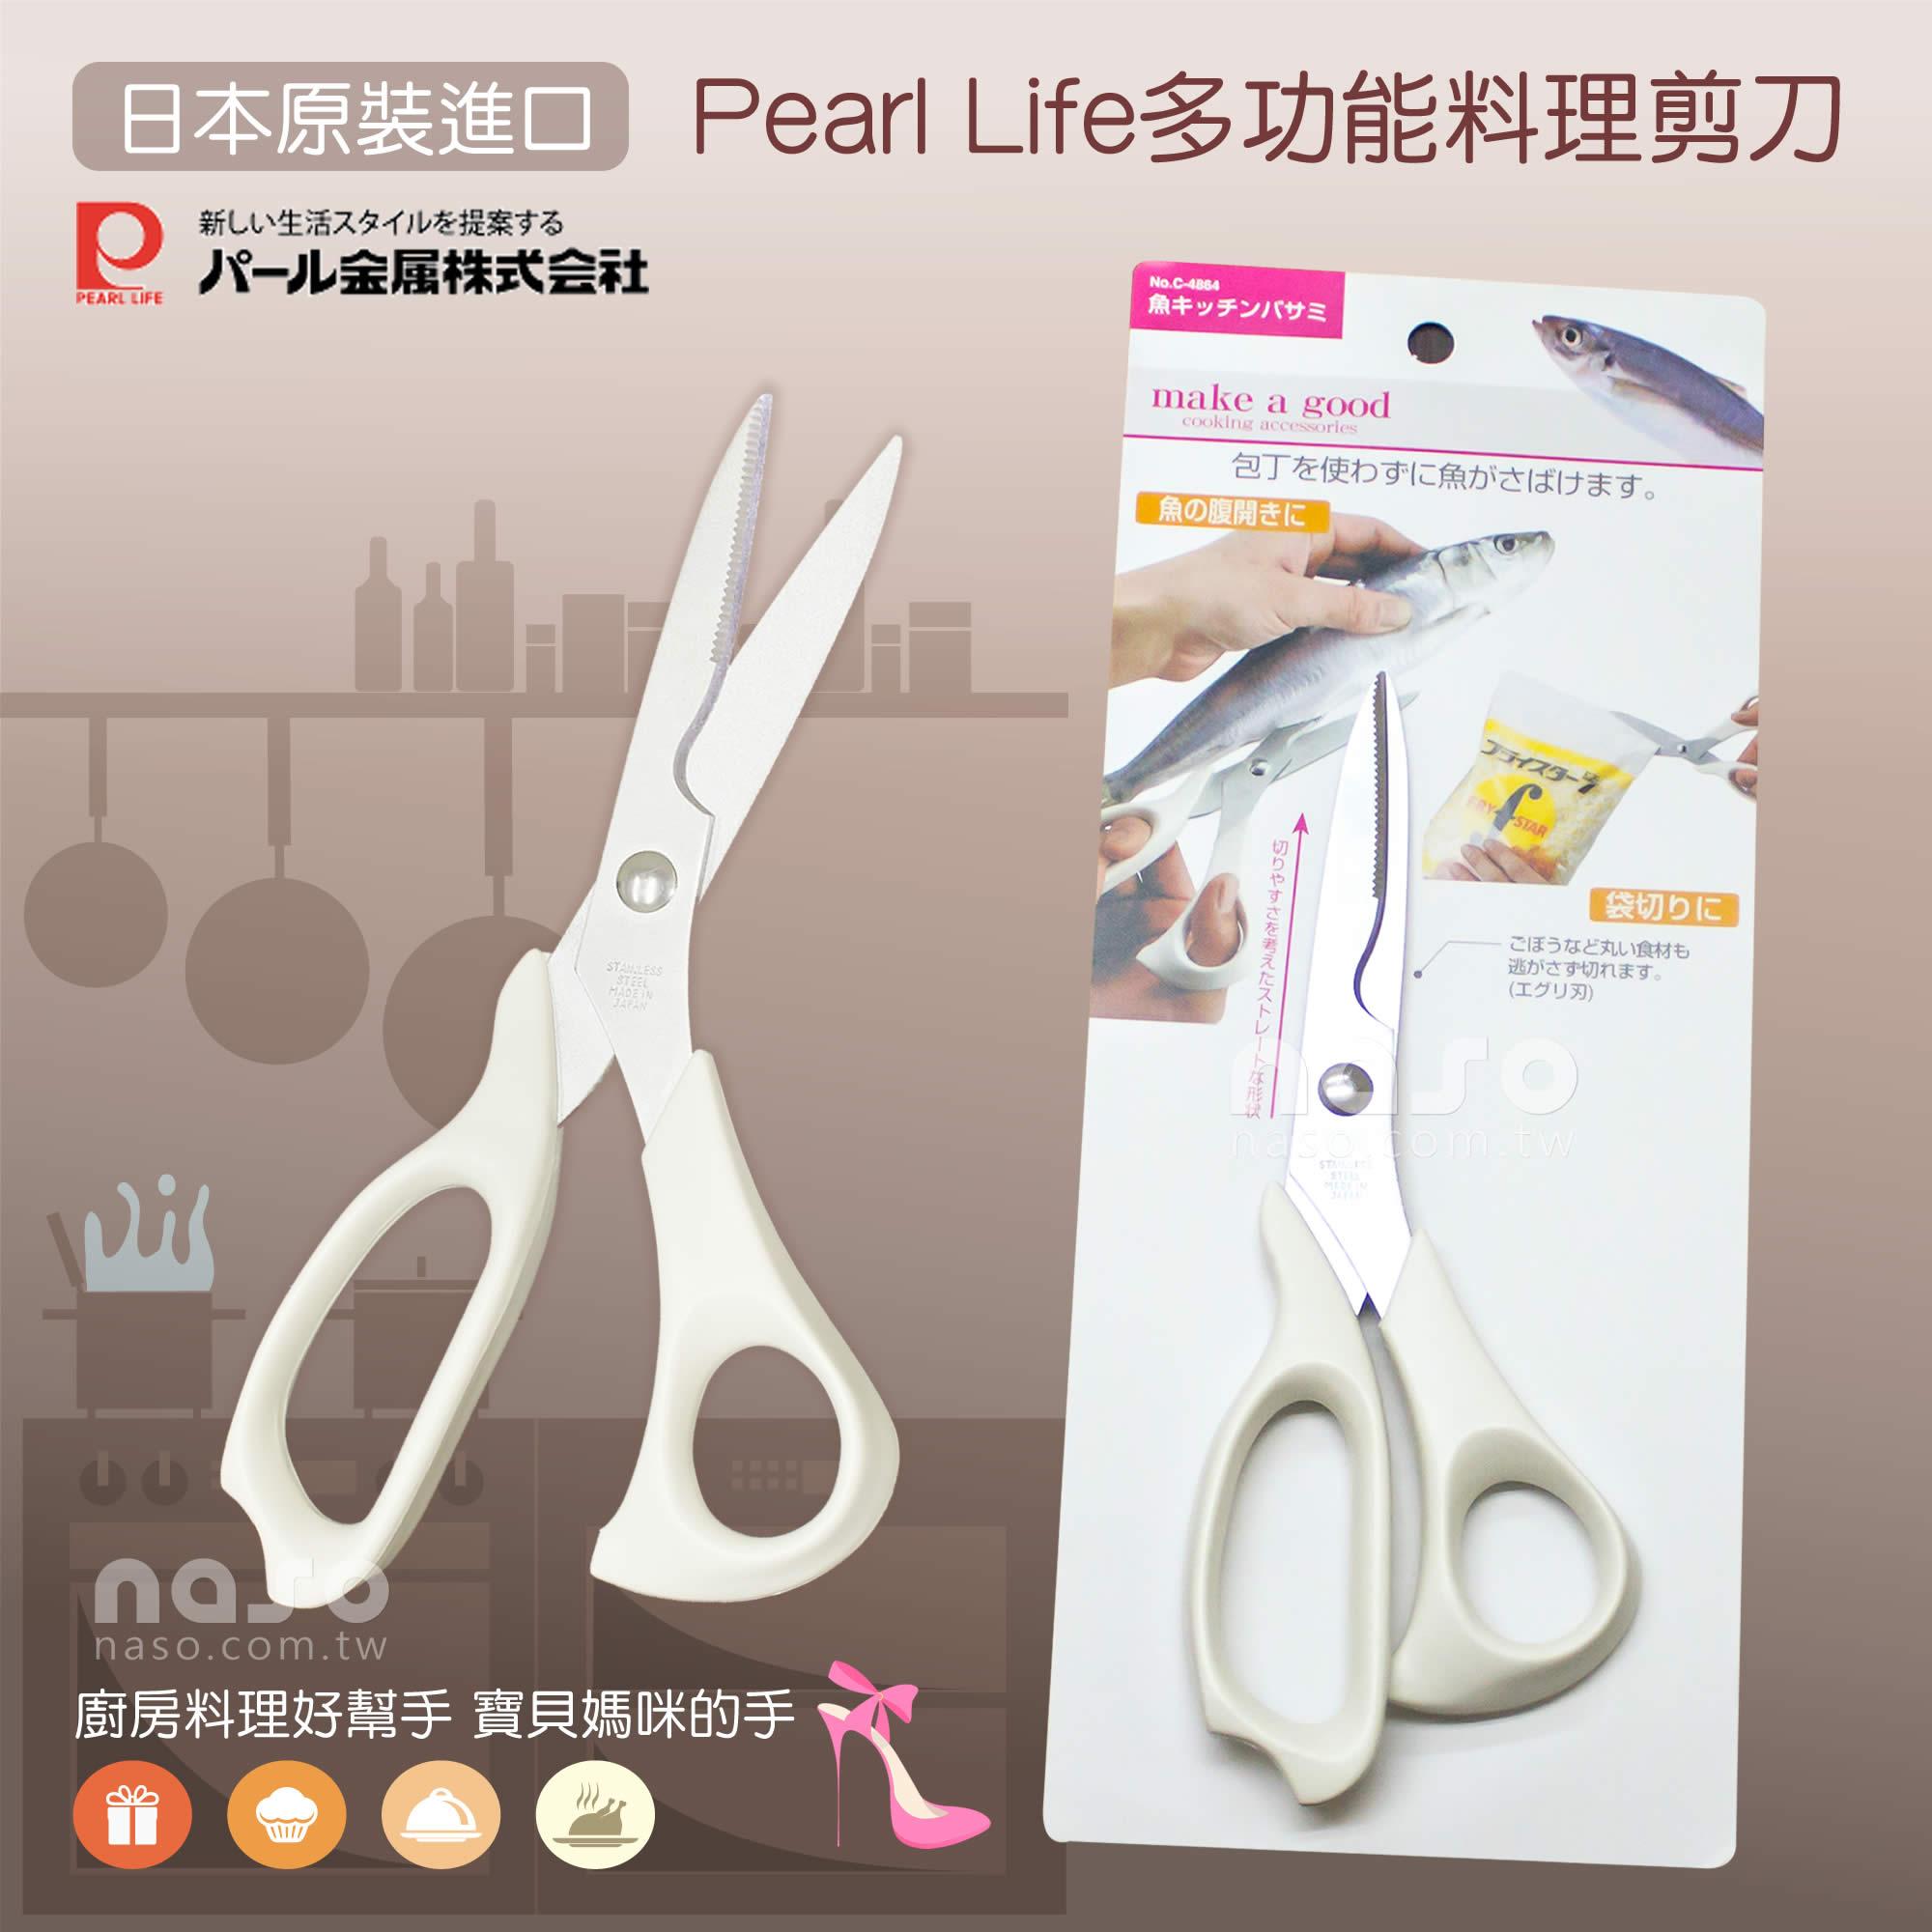 日本原裝進口Pearl Life多功能料理剪刀 好評第8團